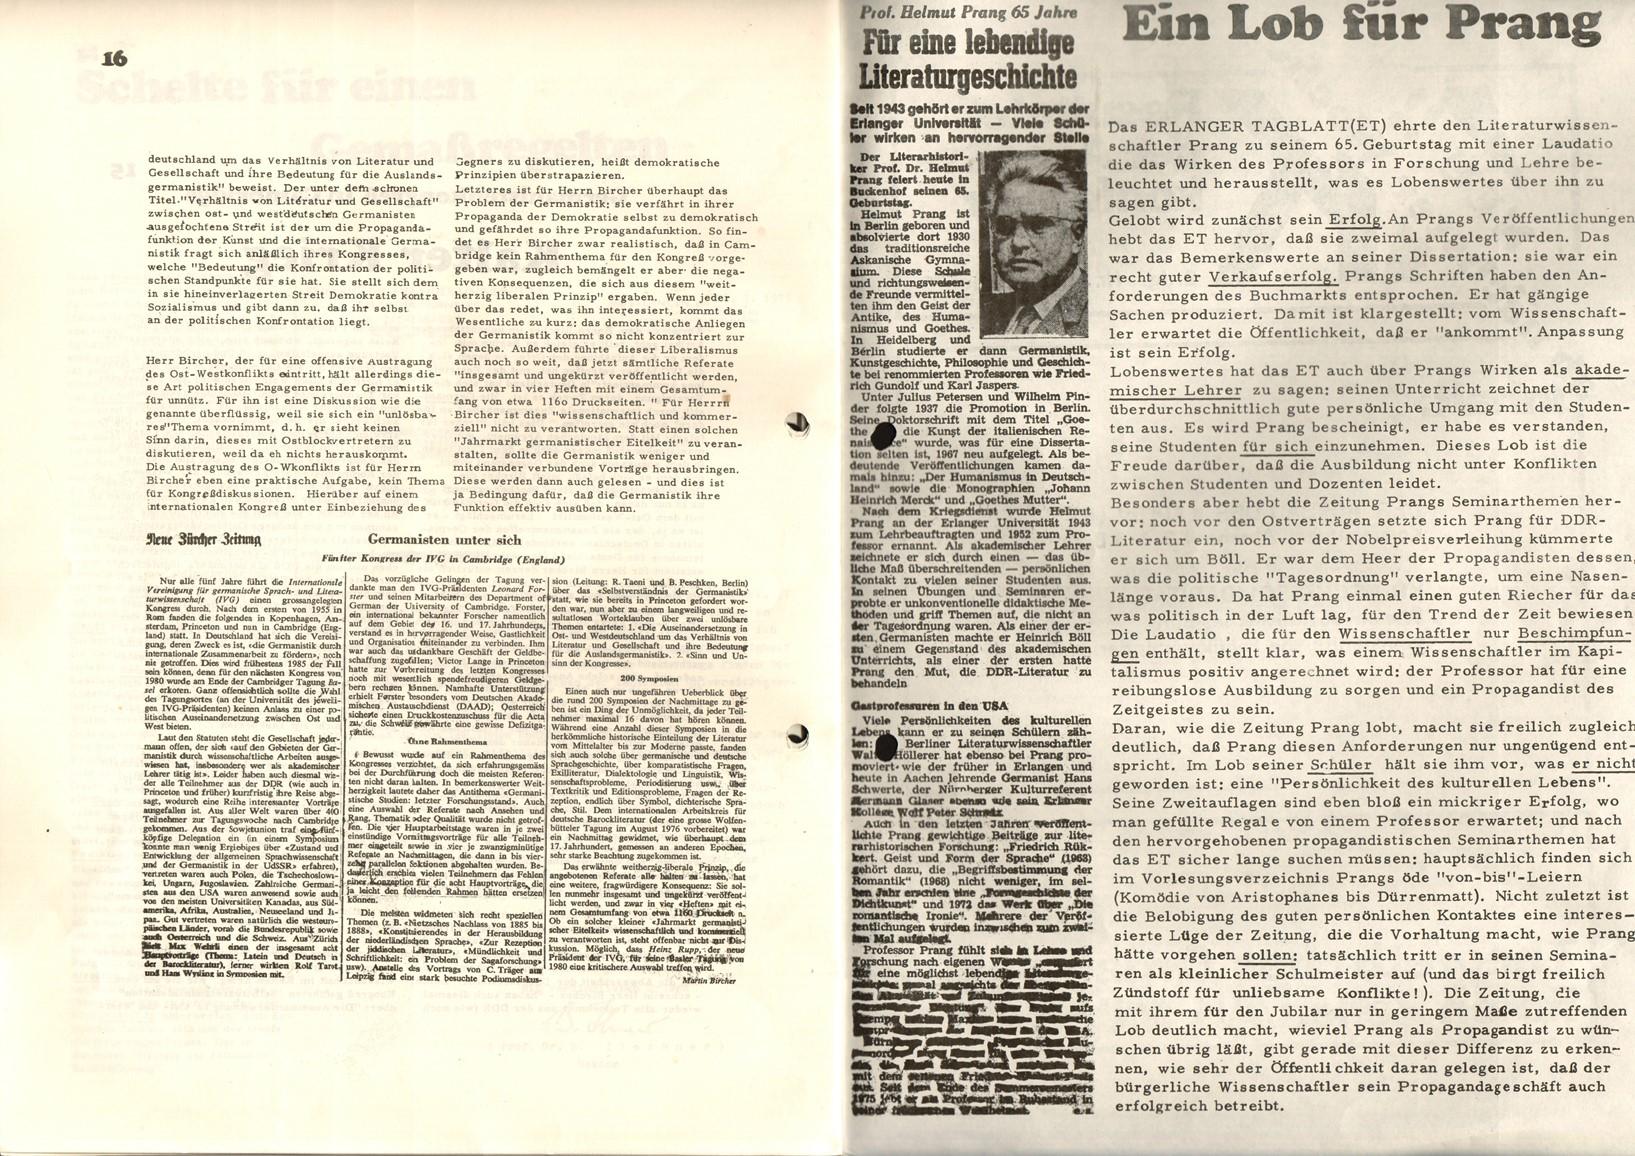 Muenchen_MG_FB_Sprach_Literaturwissenschaften_19751200_10